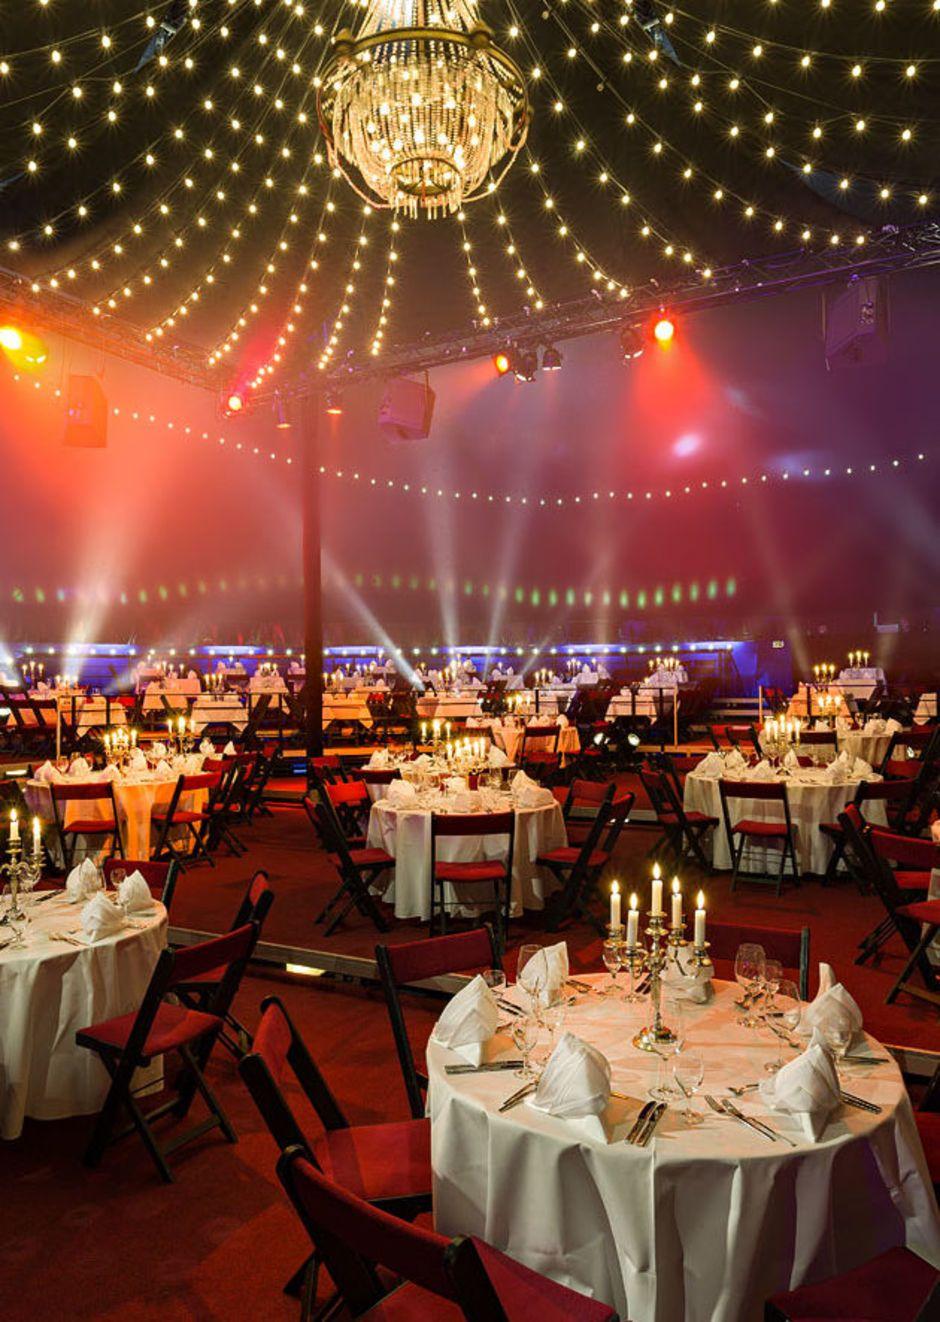 Die Eventlocation bietet Platz für 200 bis 800 Gäste